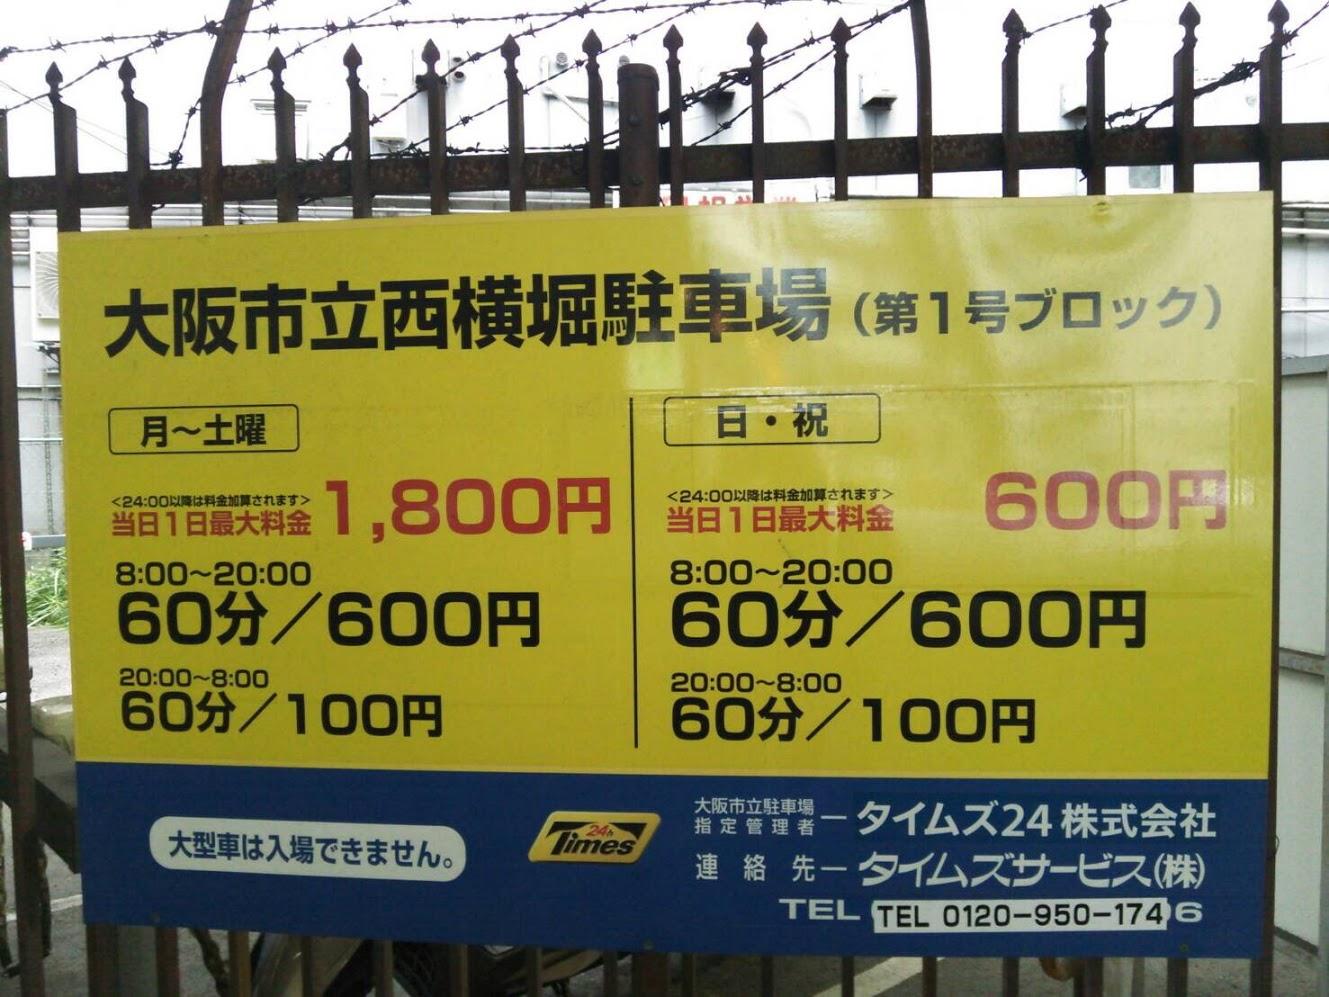 タイムズ大阪市立西横堀駐車場